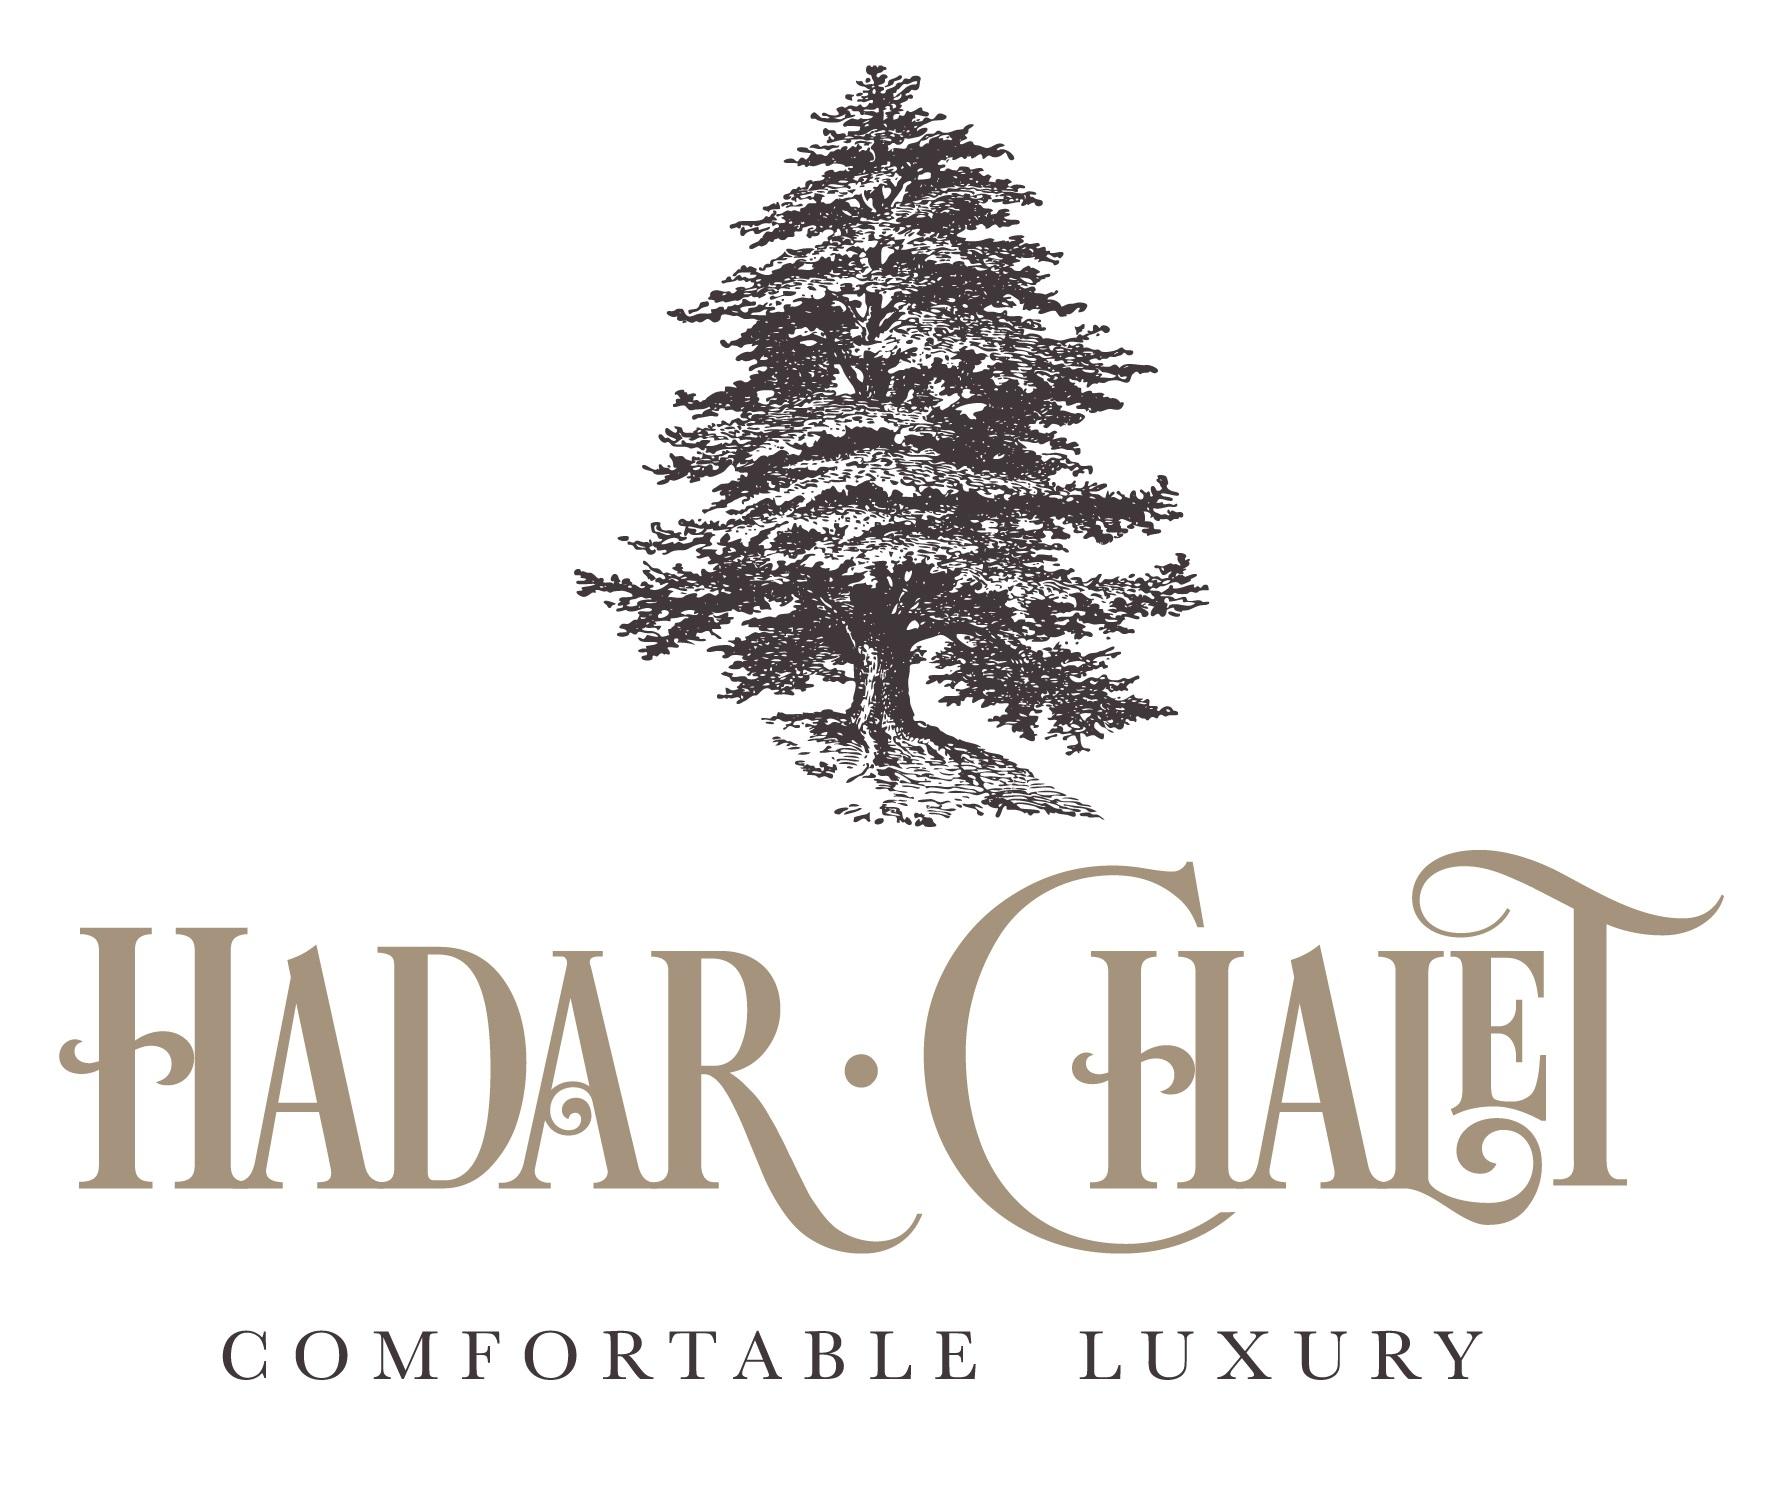 hadar_chalet_v2-01_b